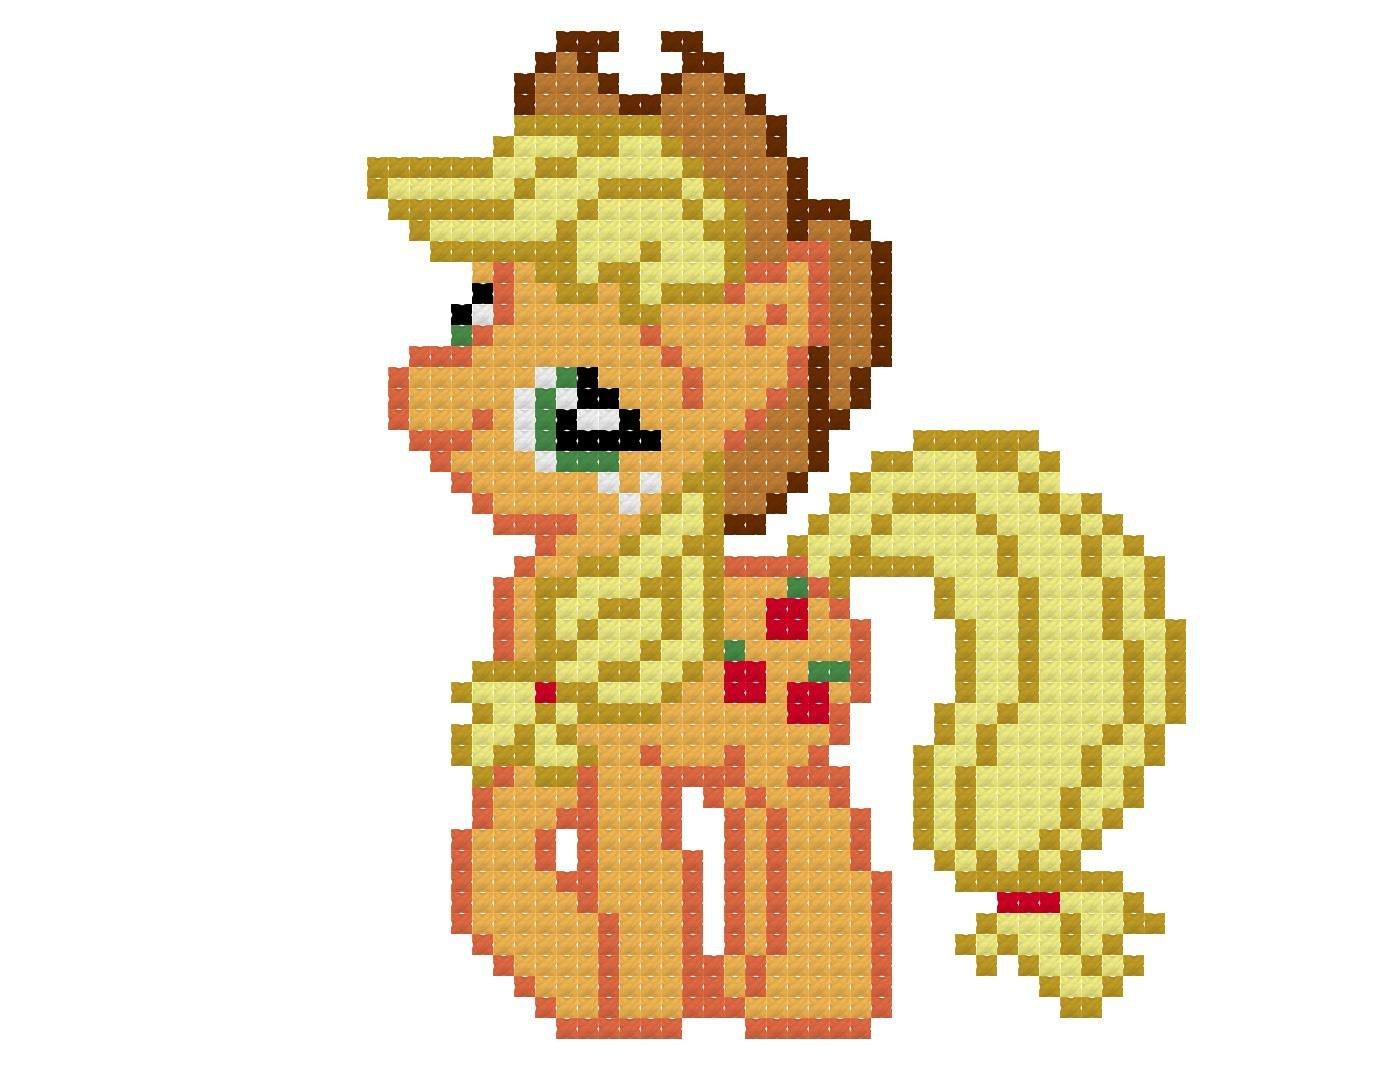 Applejack Cross Stitch Pattern